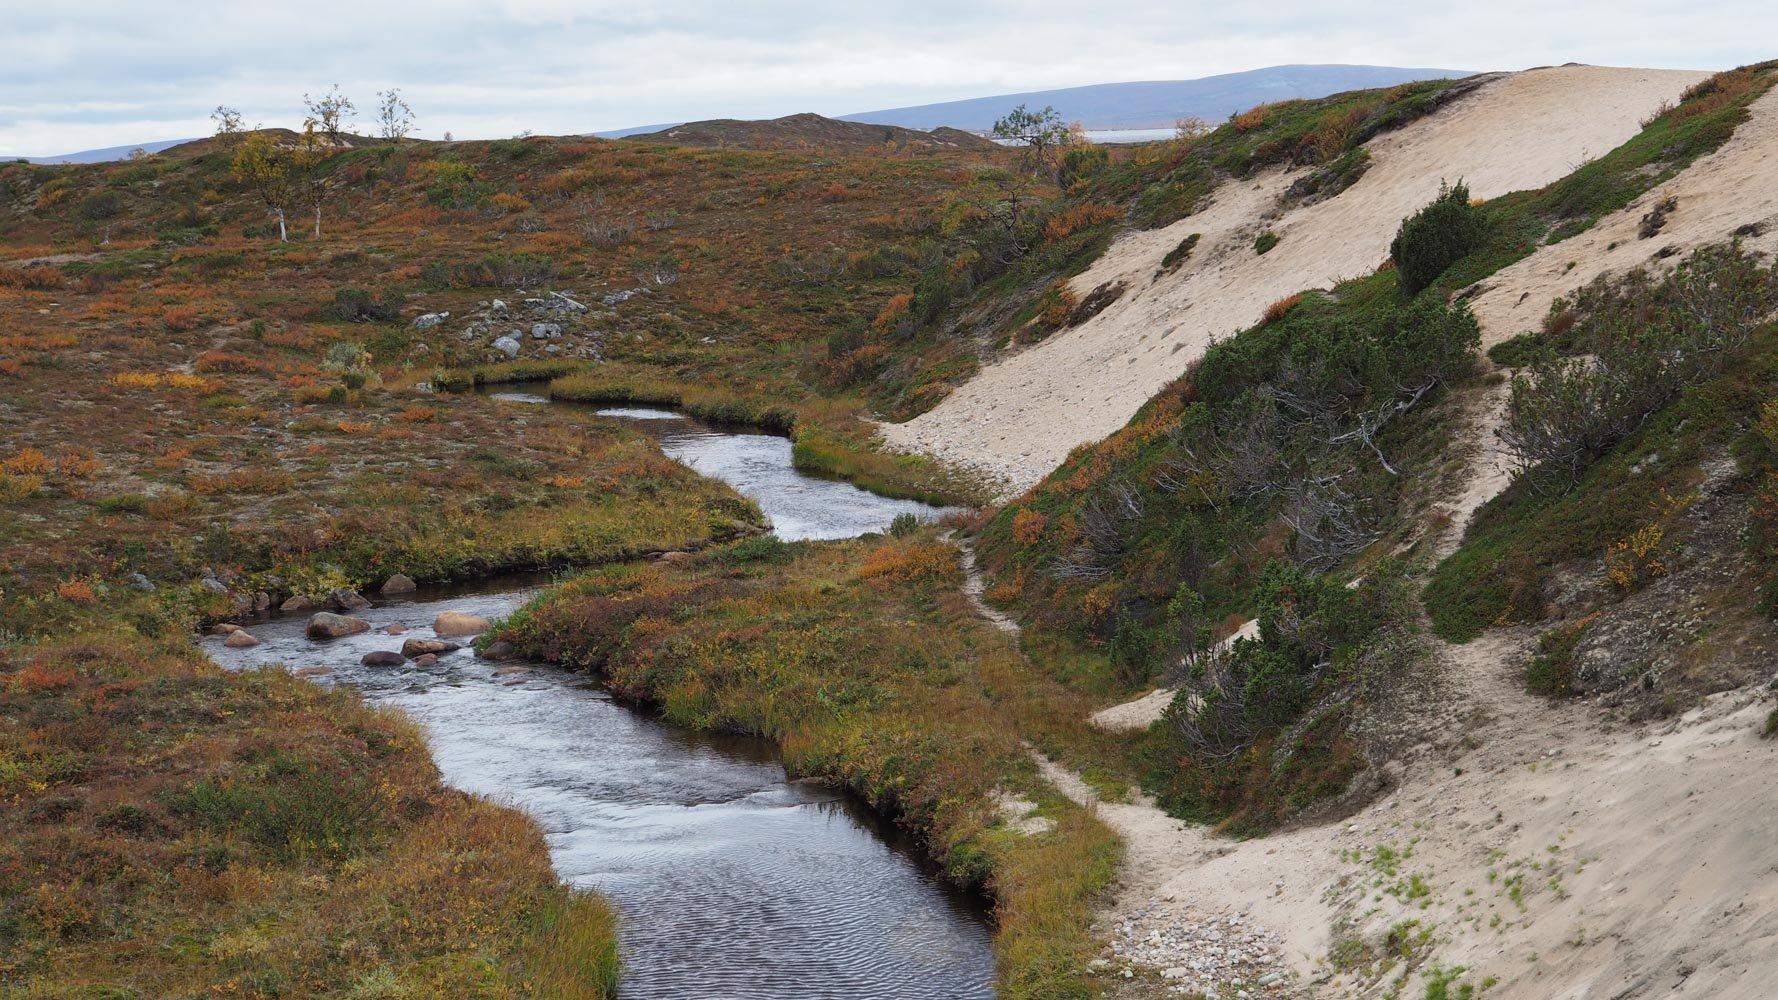 Kuvassa keskellä pieni joki. Joen vasen ranta on tasaista nummea, mutta oikealla puolella on jyrkästi nouseva hiekkadyyni.